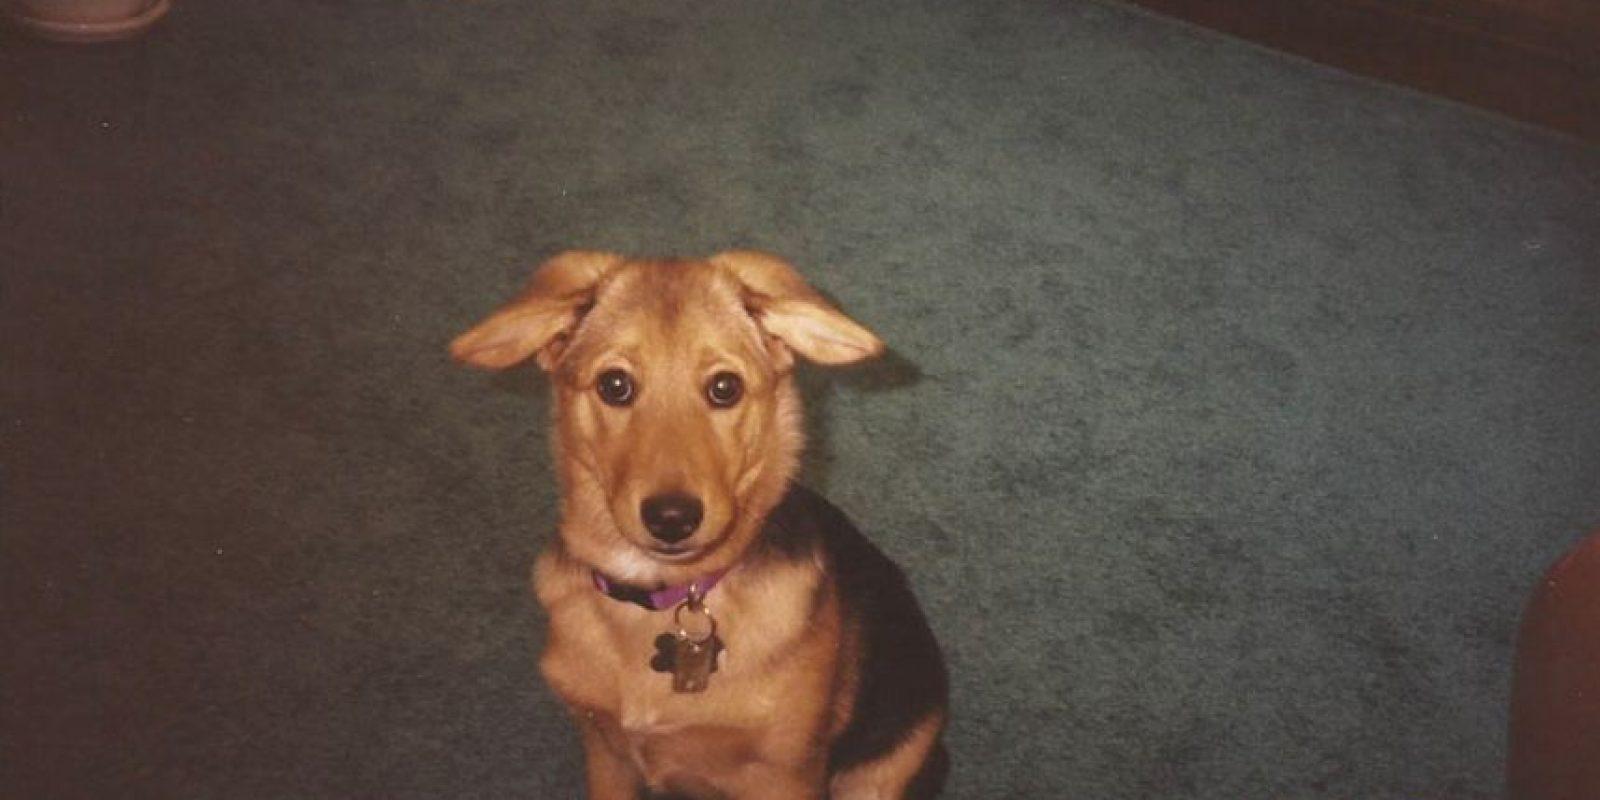 Según indicó, la perra fue rescatada de una perrera. Foto:Vía www.mariacsharp.com/blog